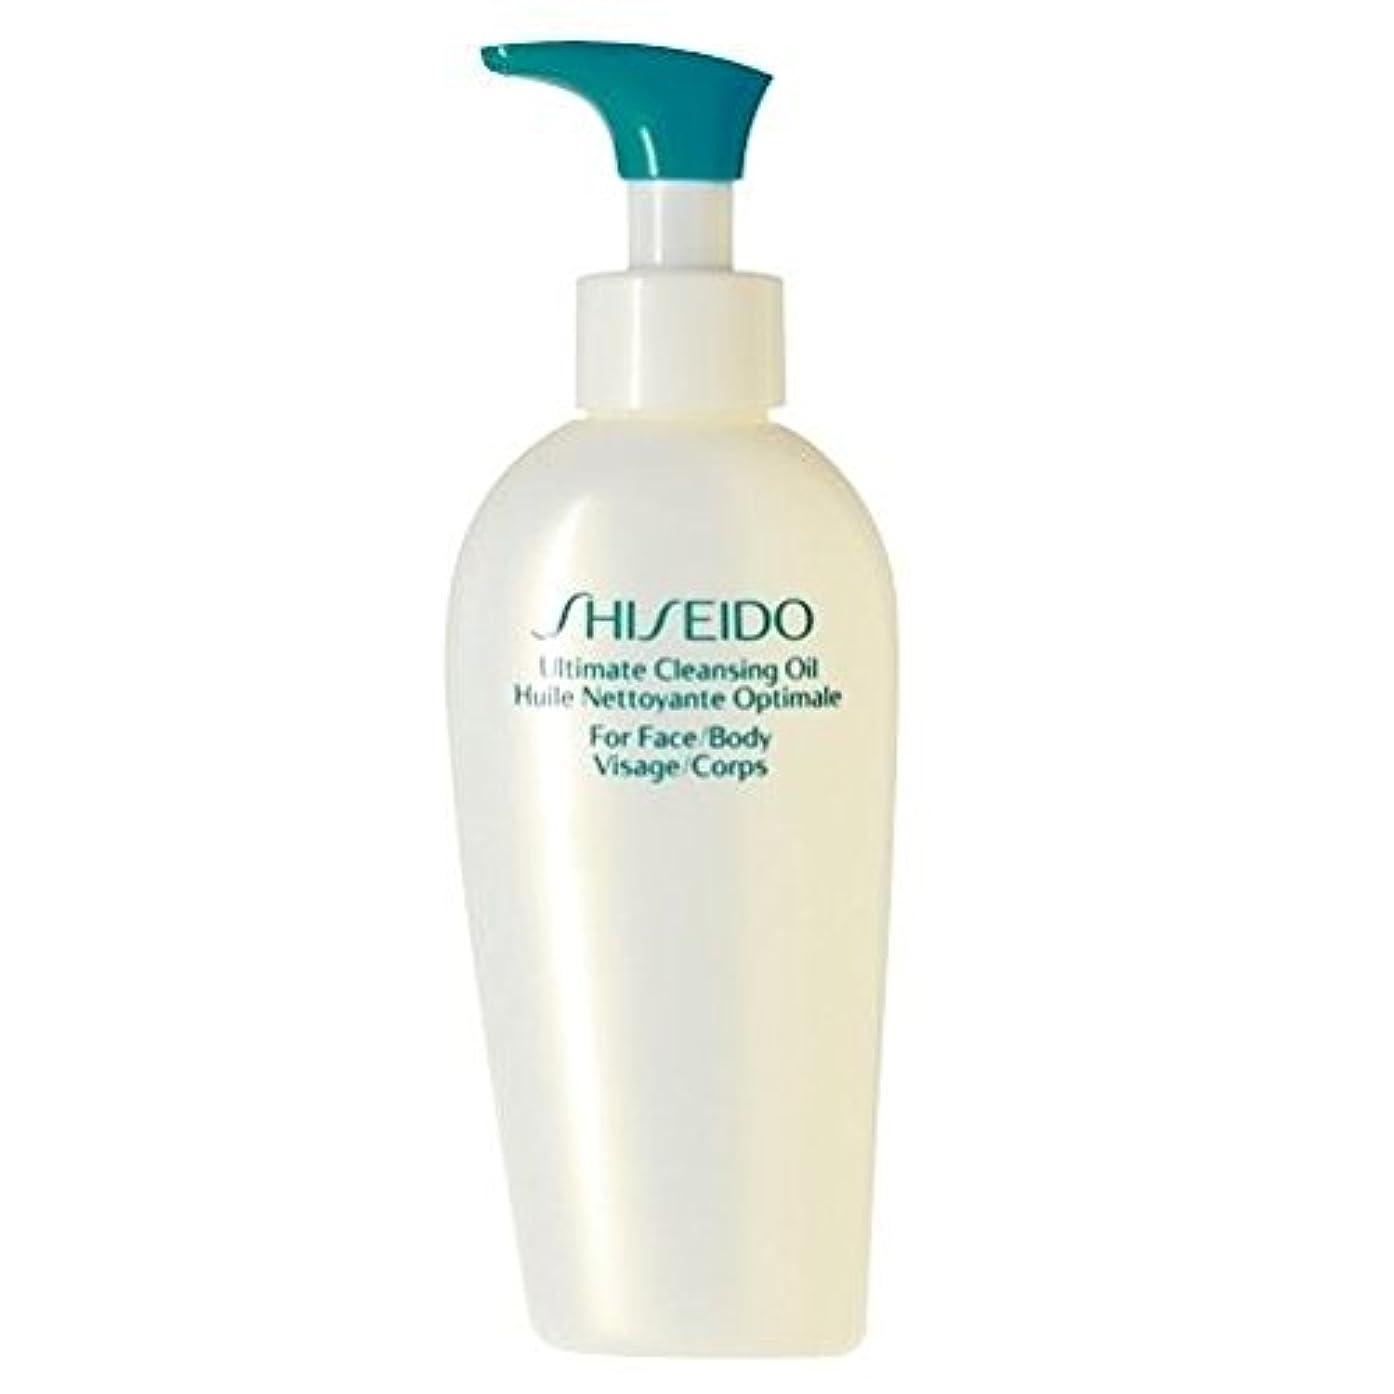 バドミントン適用済み雑草[Shiseido] 資生堂究極のクレンジングオイル、150ミリリットル - Shiseido Ultimate Cleansing Oil, 150ml [並行輸入品]